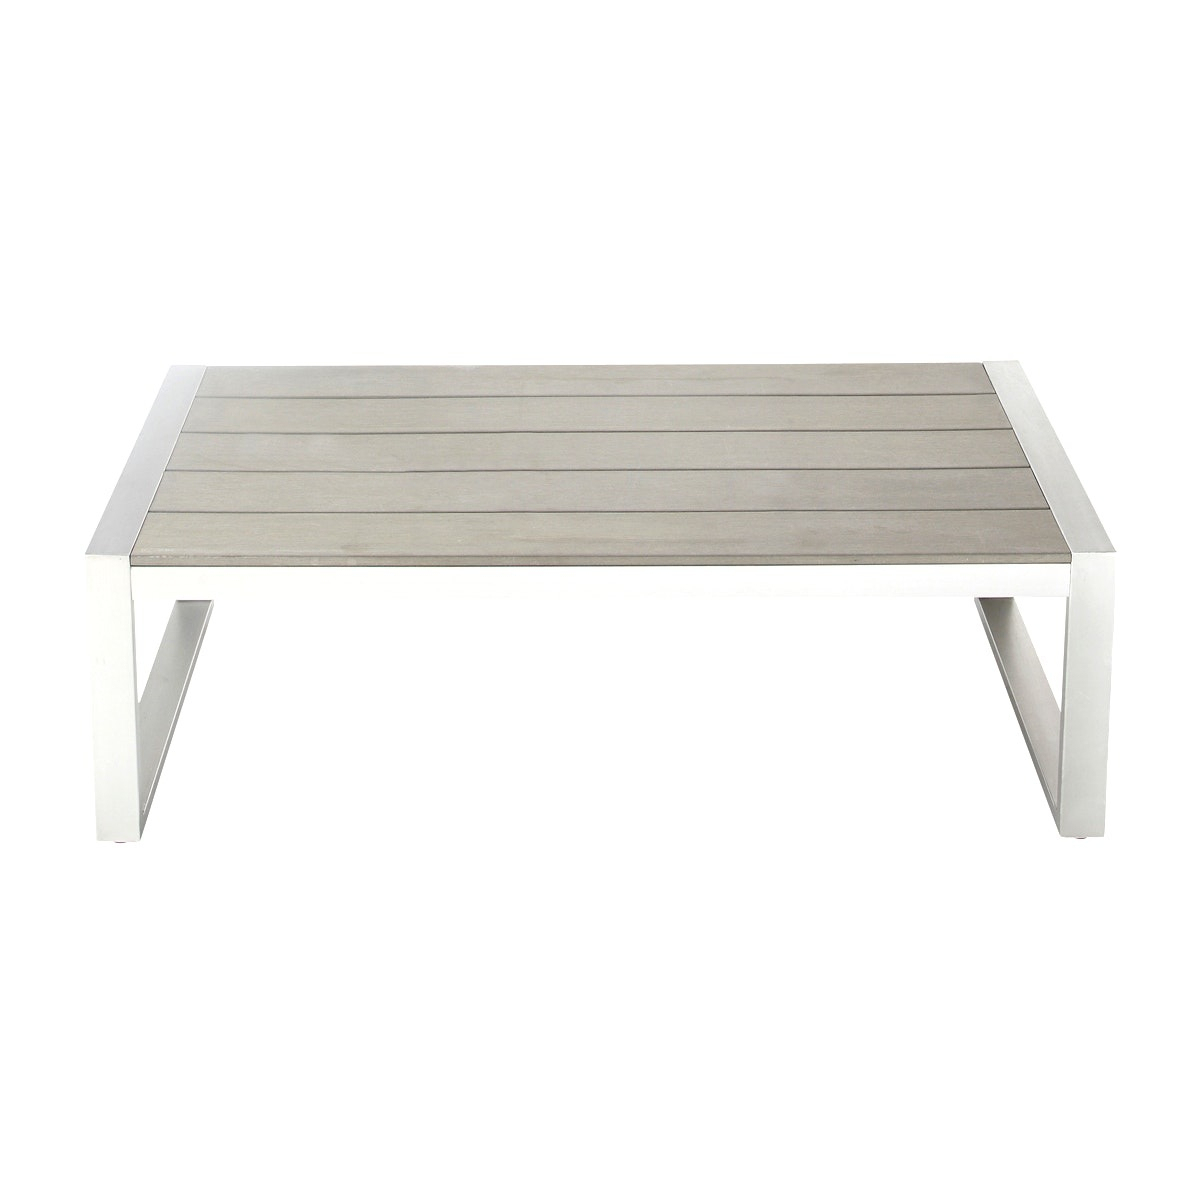 Salon De Dtente Extrieur Frais Dalle Balcon Ikea Avec ... concernant Table Basse De Jardin Ikea